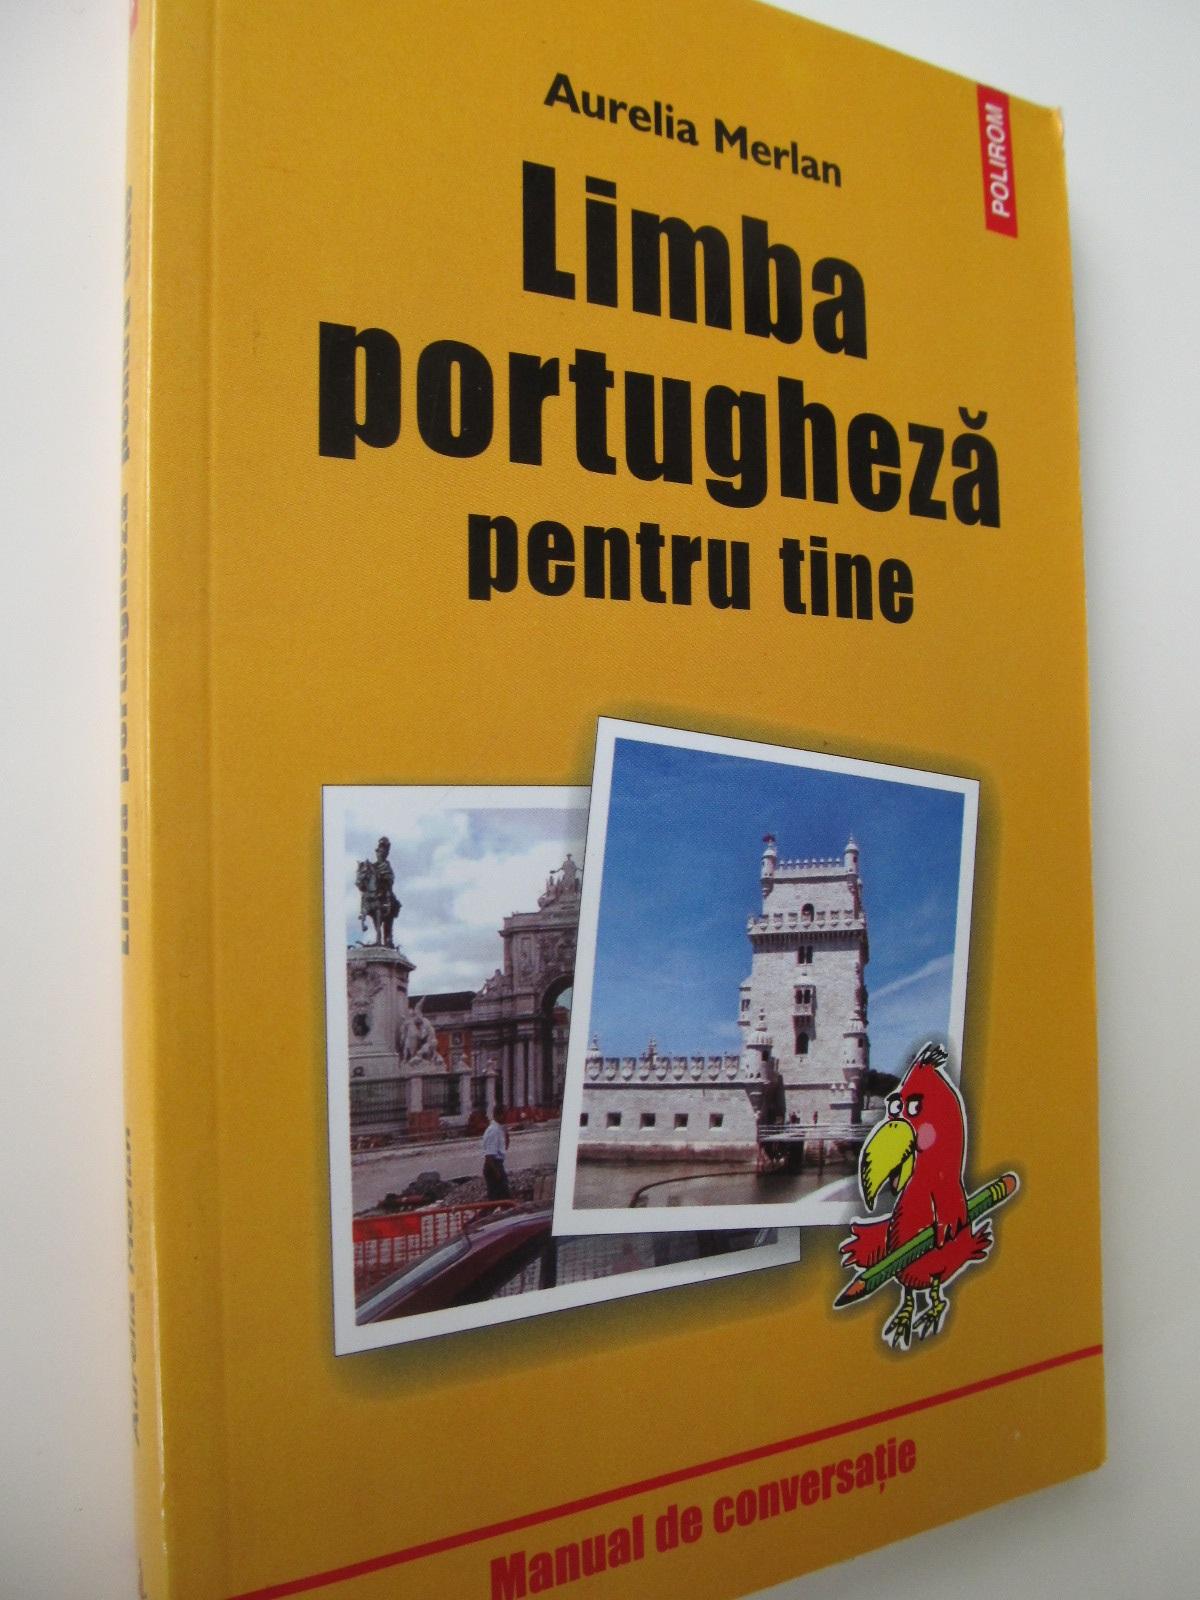 Limba portugheza pentru tine - Manual de conversatie - Aurelia Merlan | Detalii carte